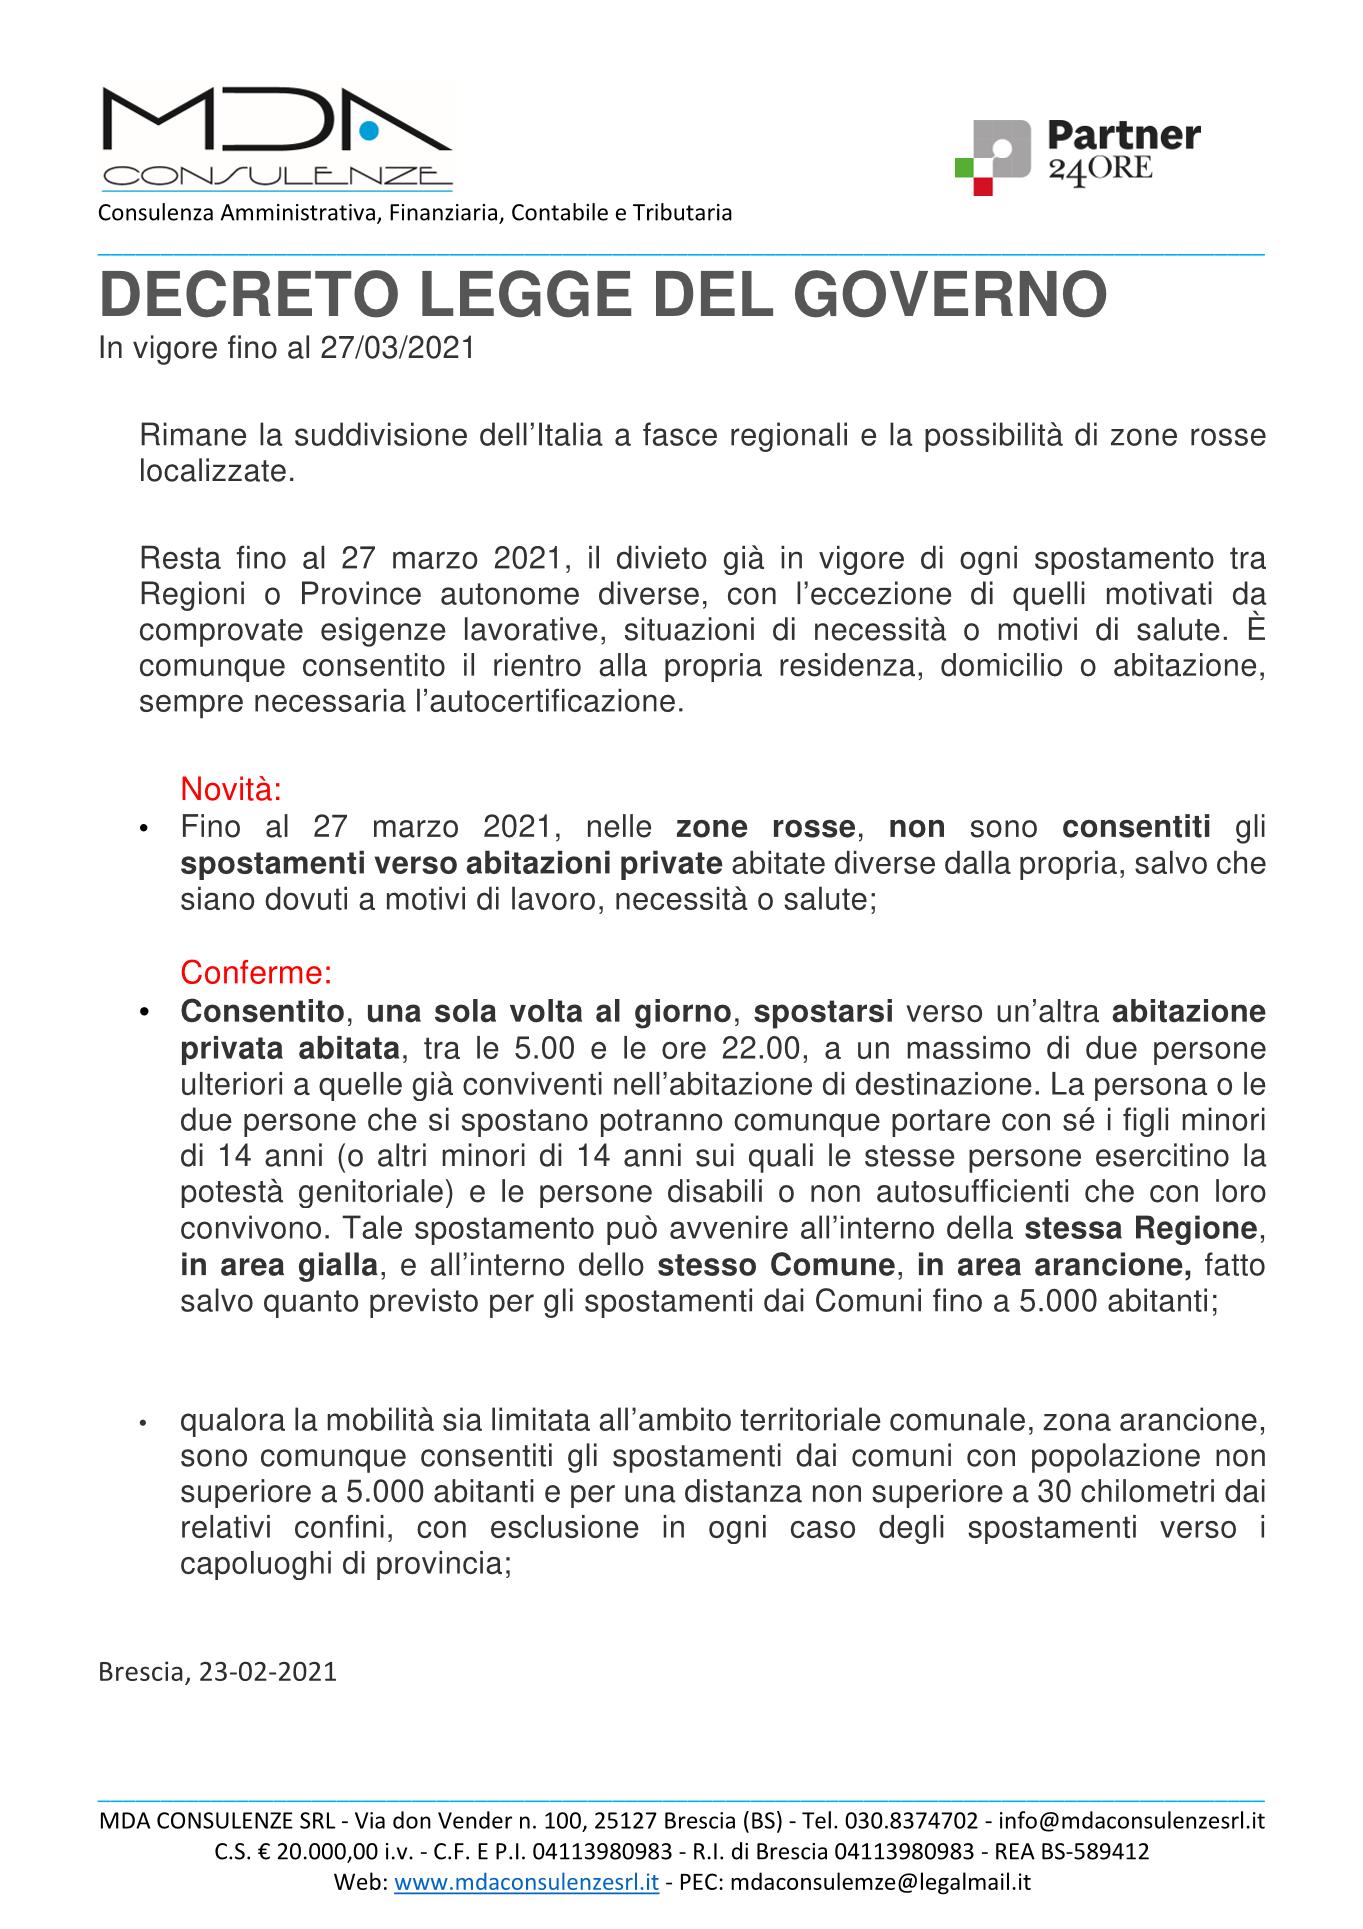 Decreto legge del governo – in vigore fino al 27-03-2021